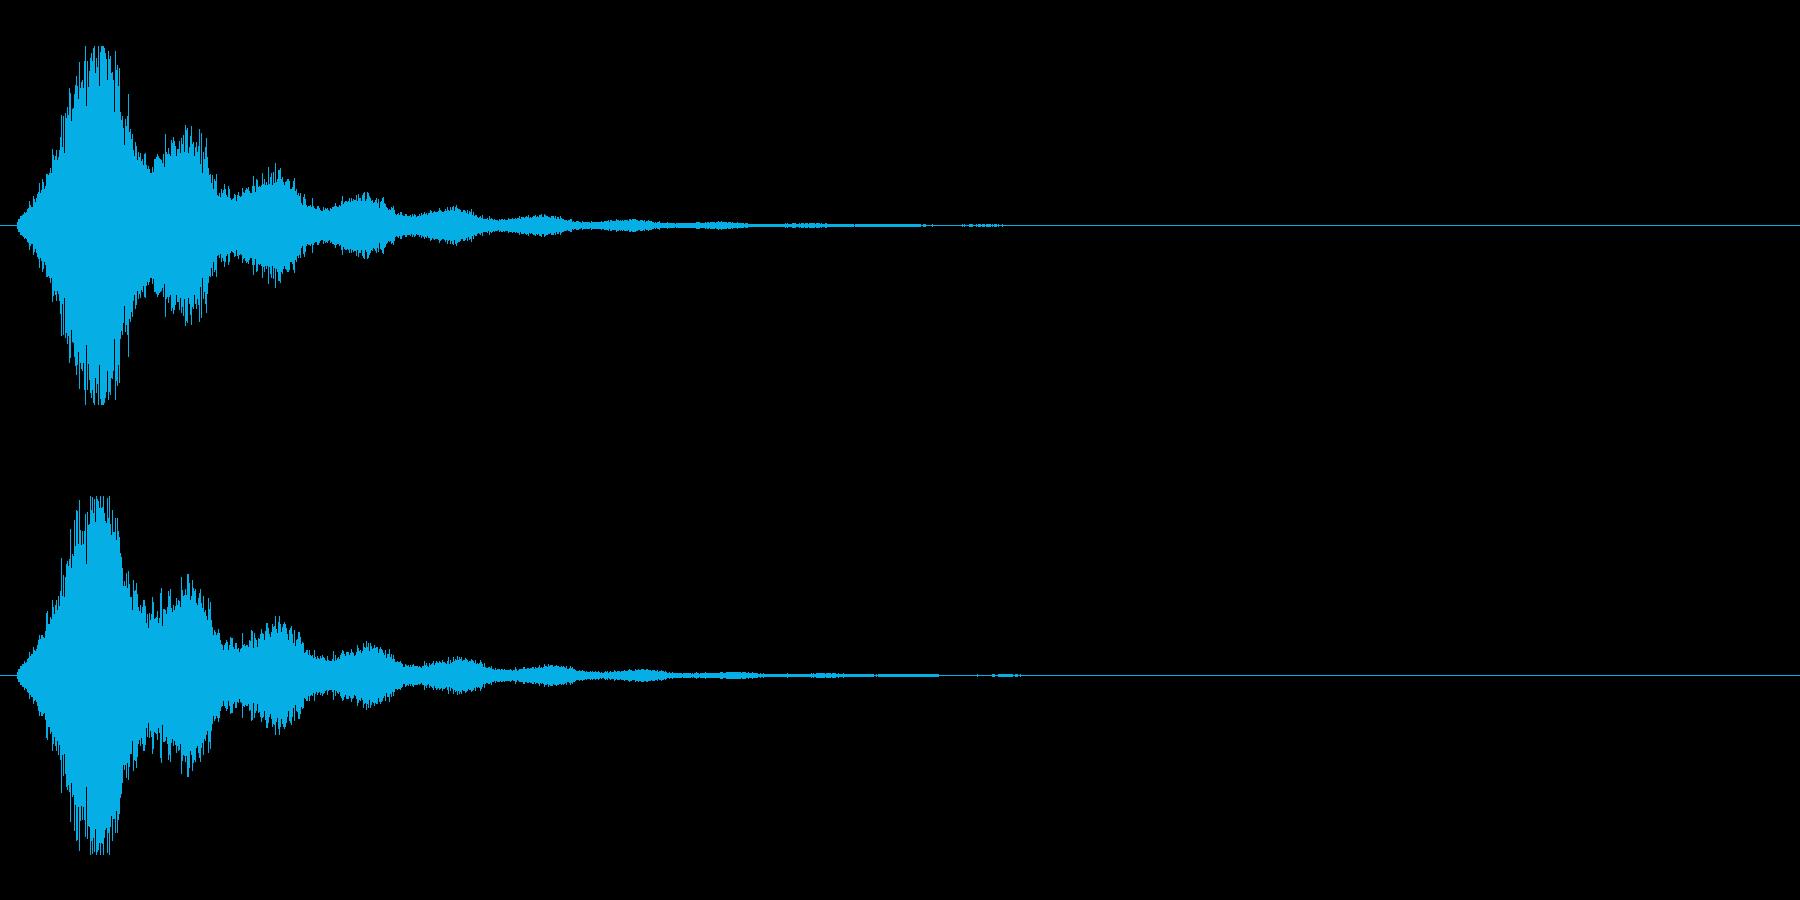 レーザー音-158-2の再生済みの波形